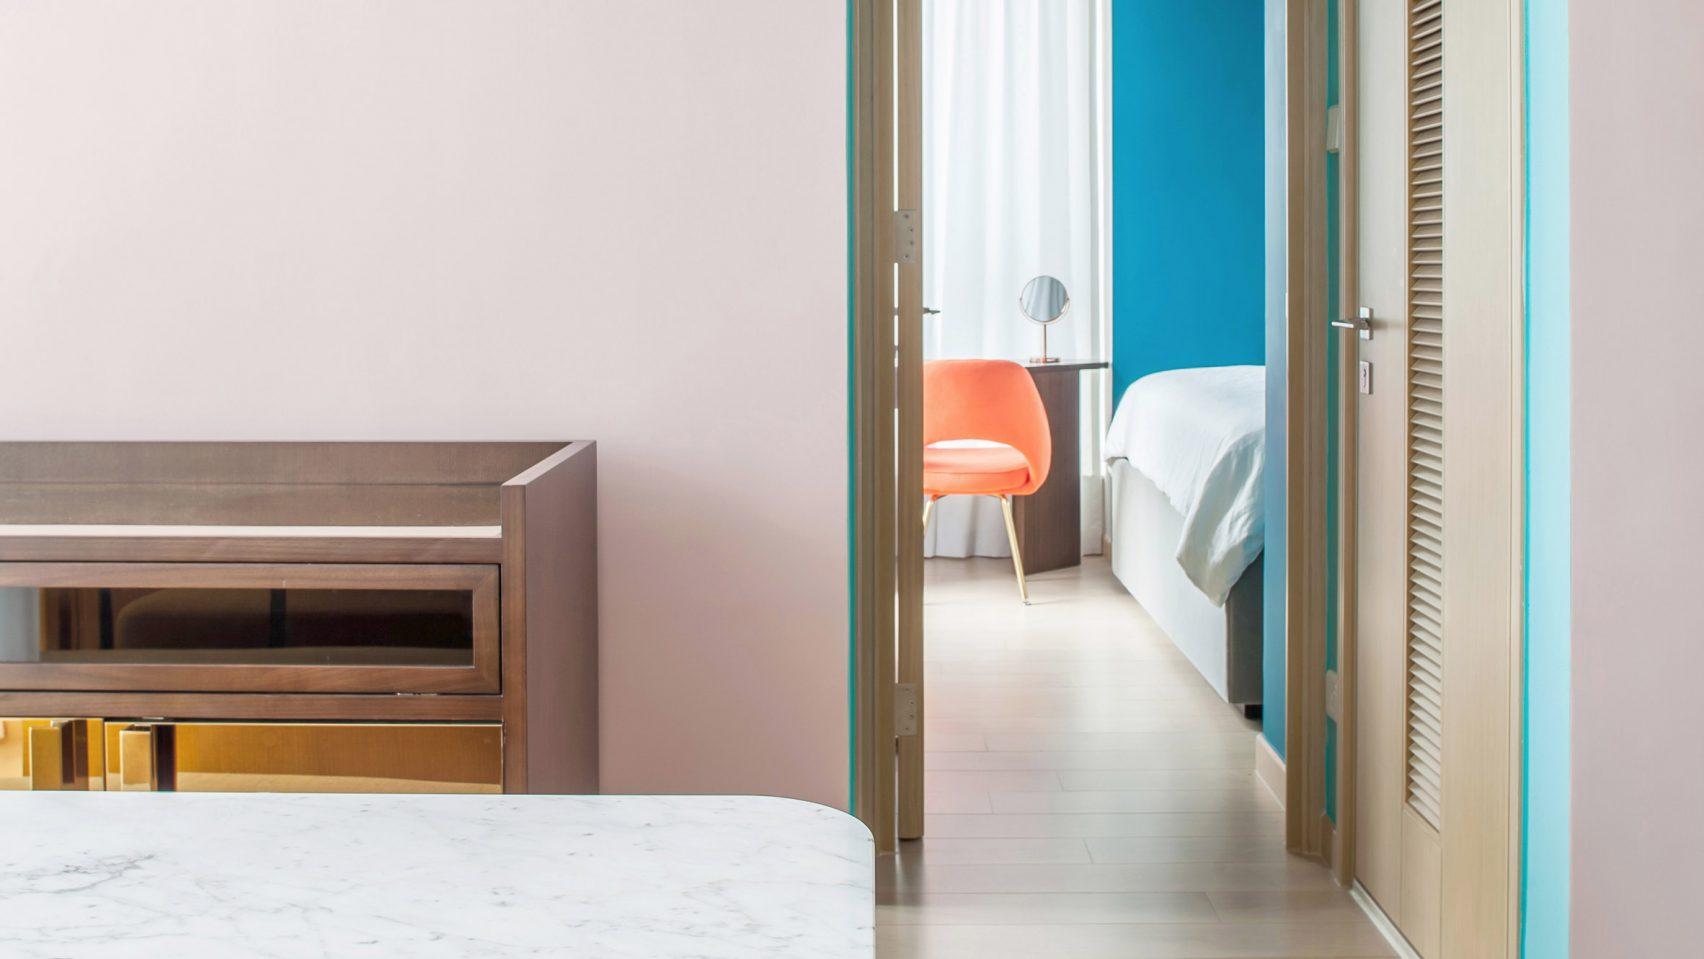 Thiết kế căn hộ với tường và đồ nội thất có màu rực rỡ dành riêng cho chủ nhân thiết kế thời trang - Ảnh 1.